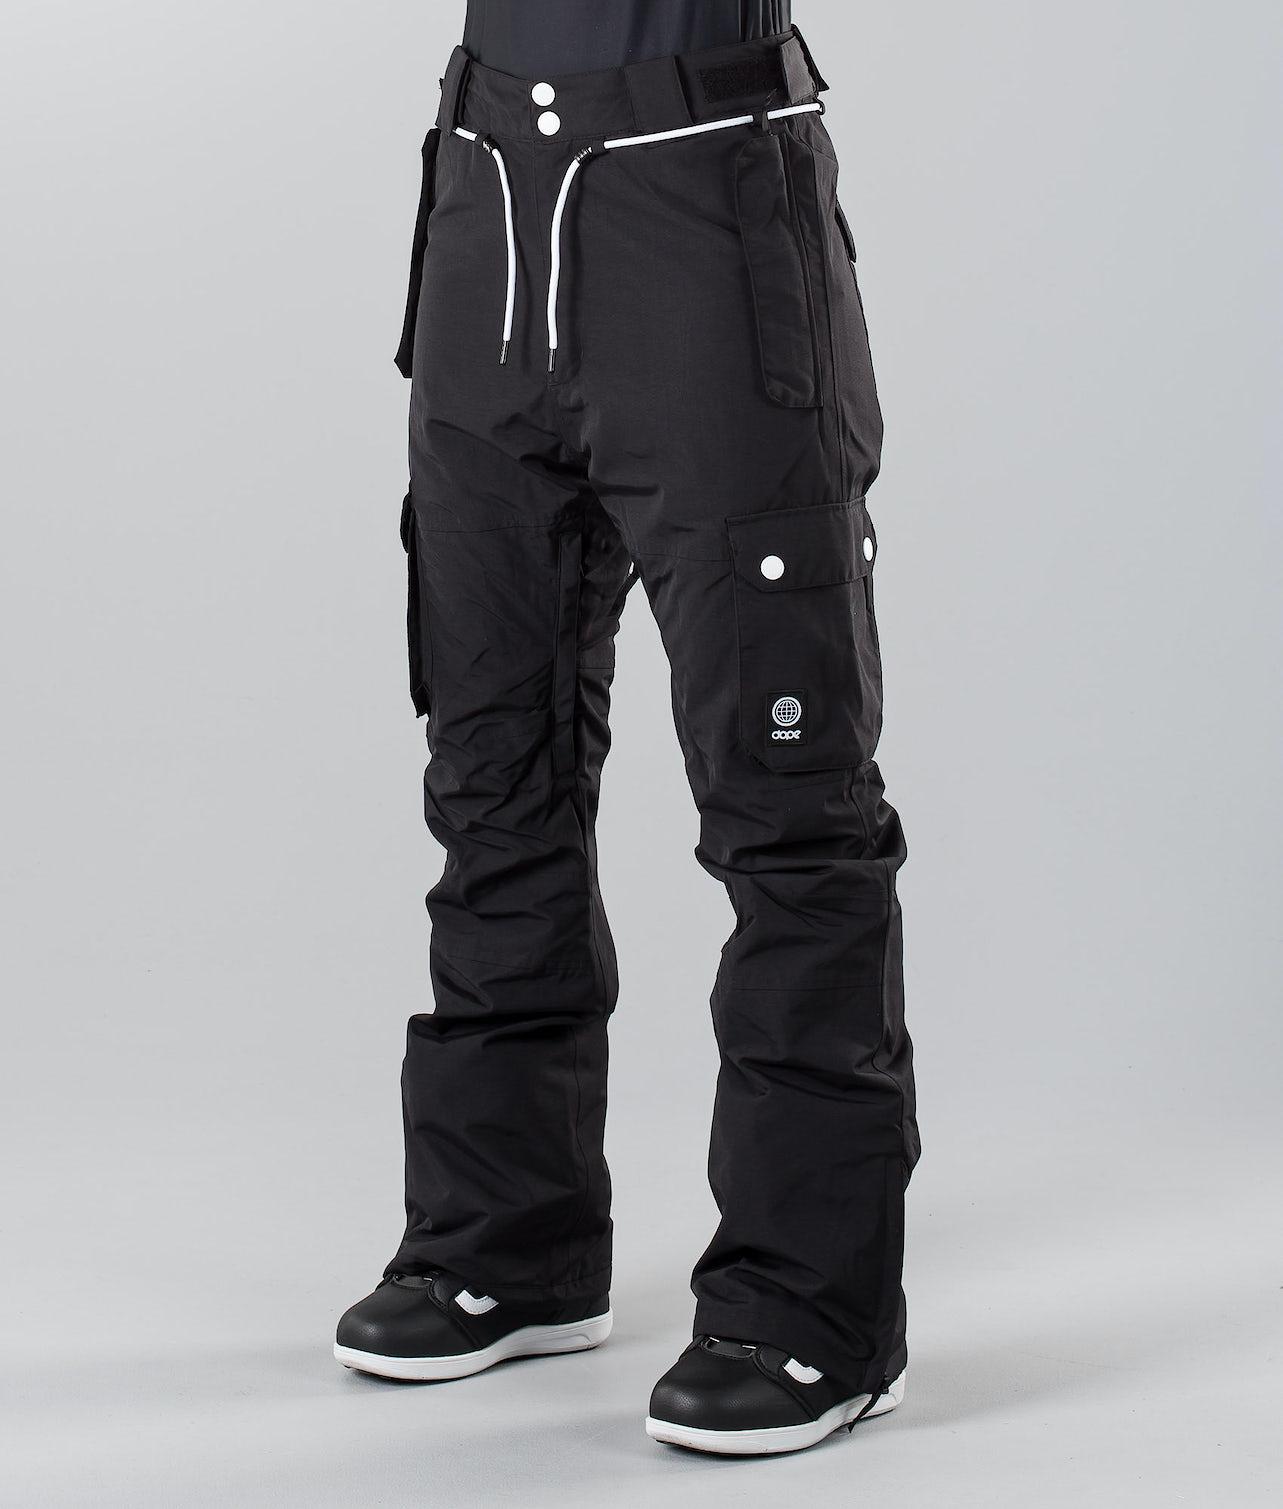 Iconic 19 | Achète des Pantalon de Snowboard de chez Dope sur Ridestore.fr | Bien-sûr, les frais de ports sont offerts et les retours gratuits pendant 30 jours !